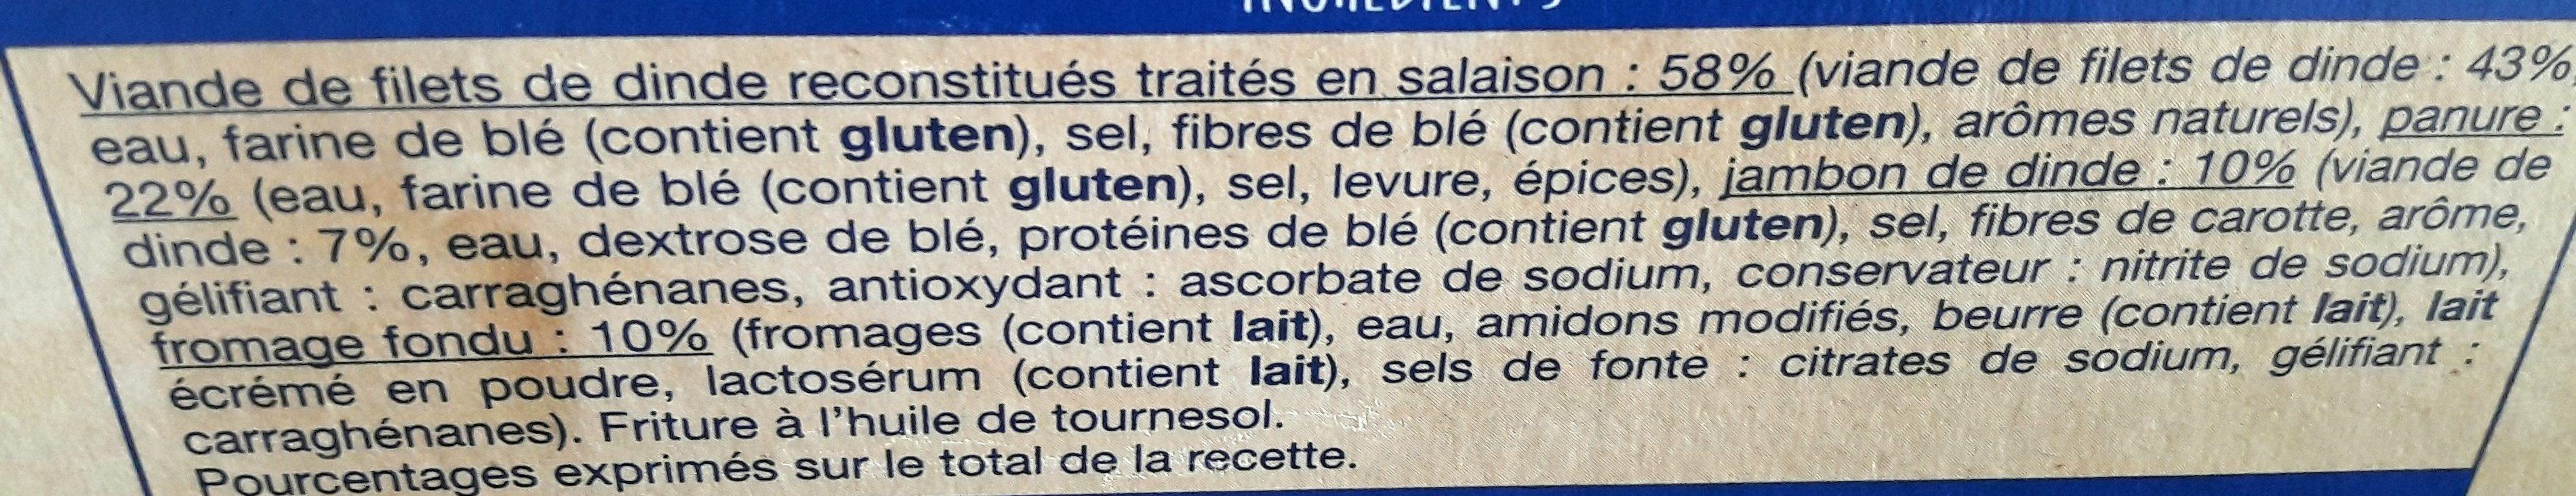 Cordons Bleus de Dinde - Ingrédients